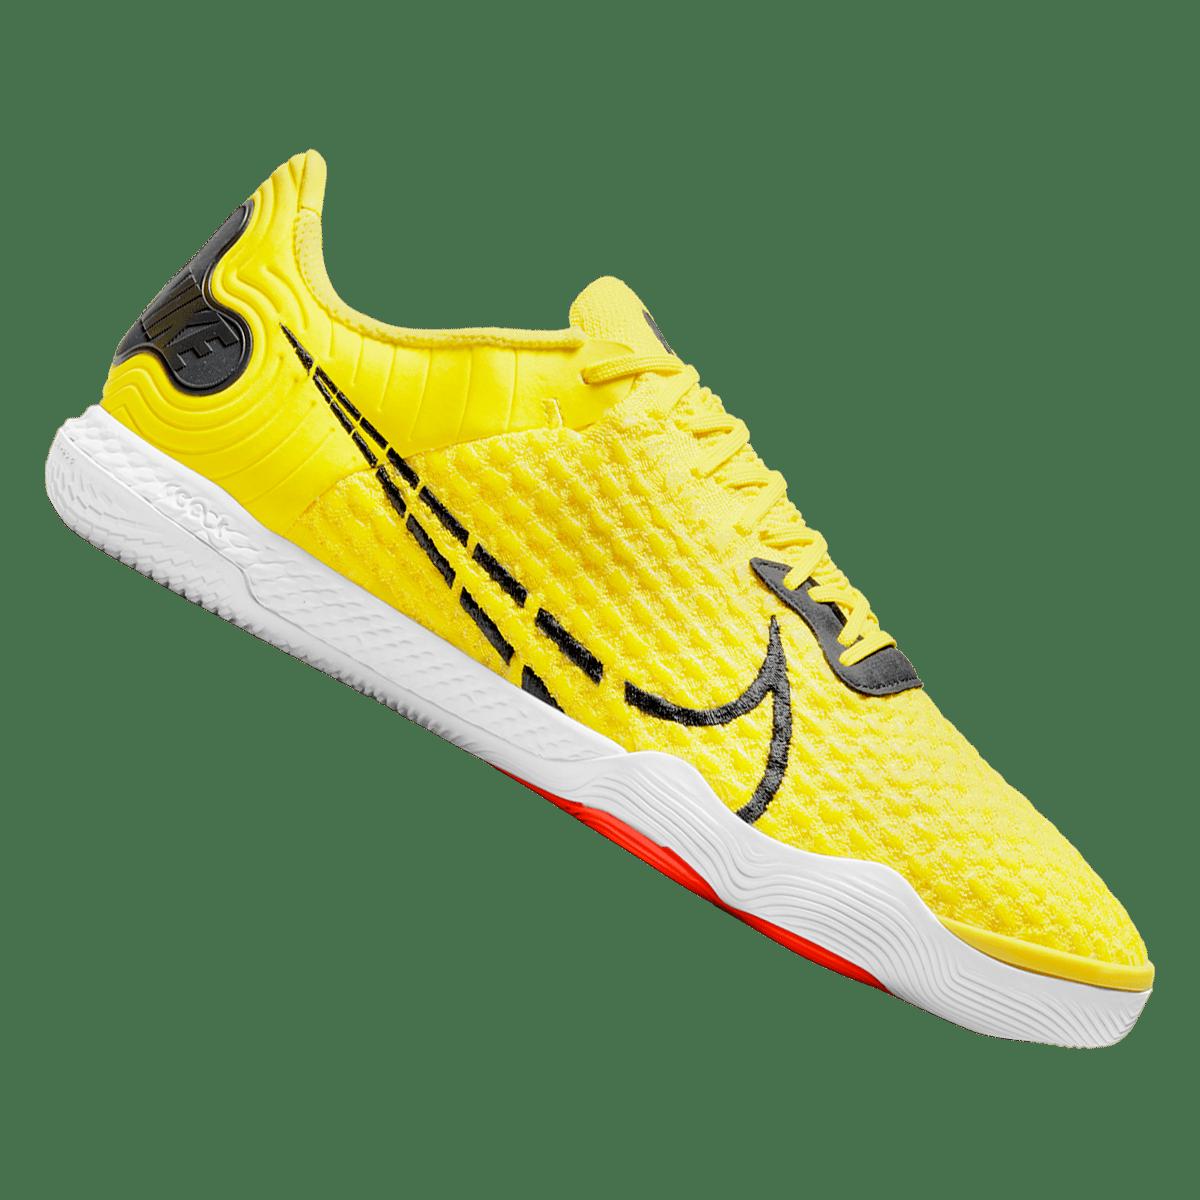 Chaussures de salle React Gato Nike jaune/gris foncé